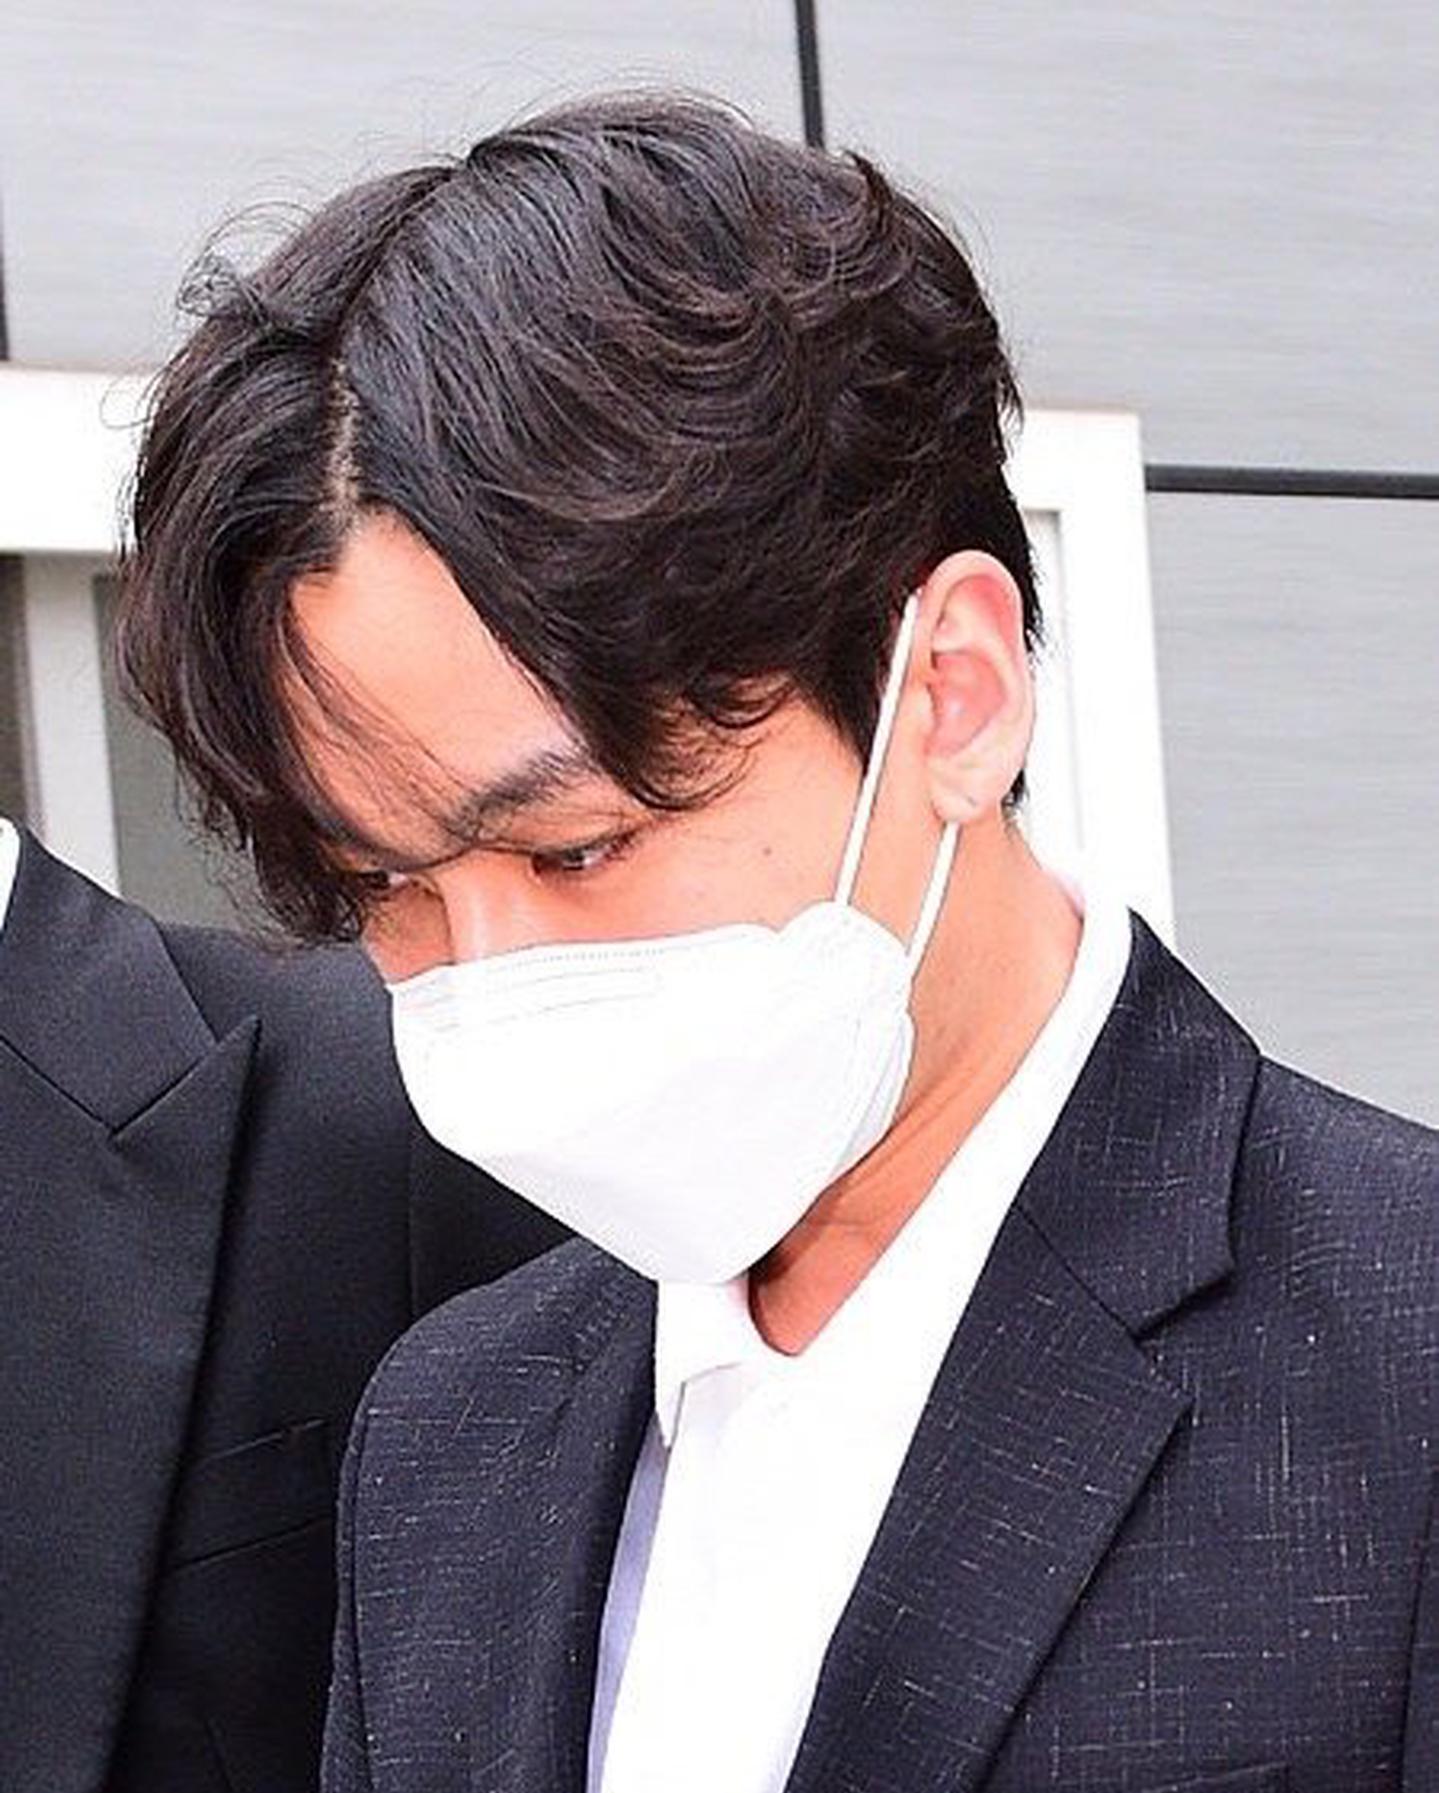 郑镒勋吸毒案正式判决 被判有期徒刑两年